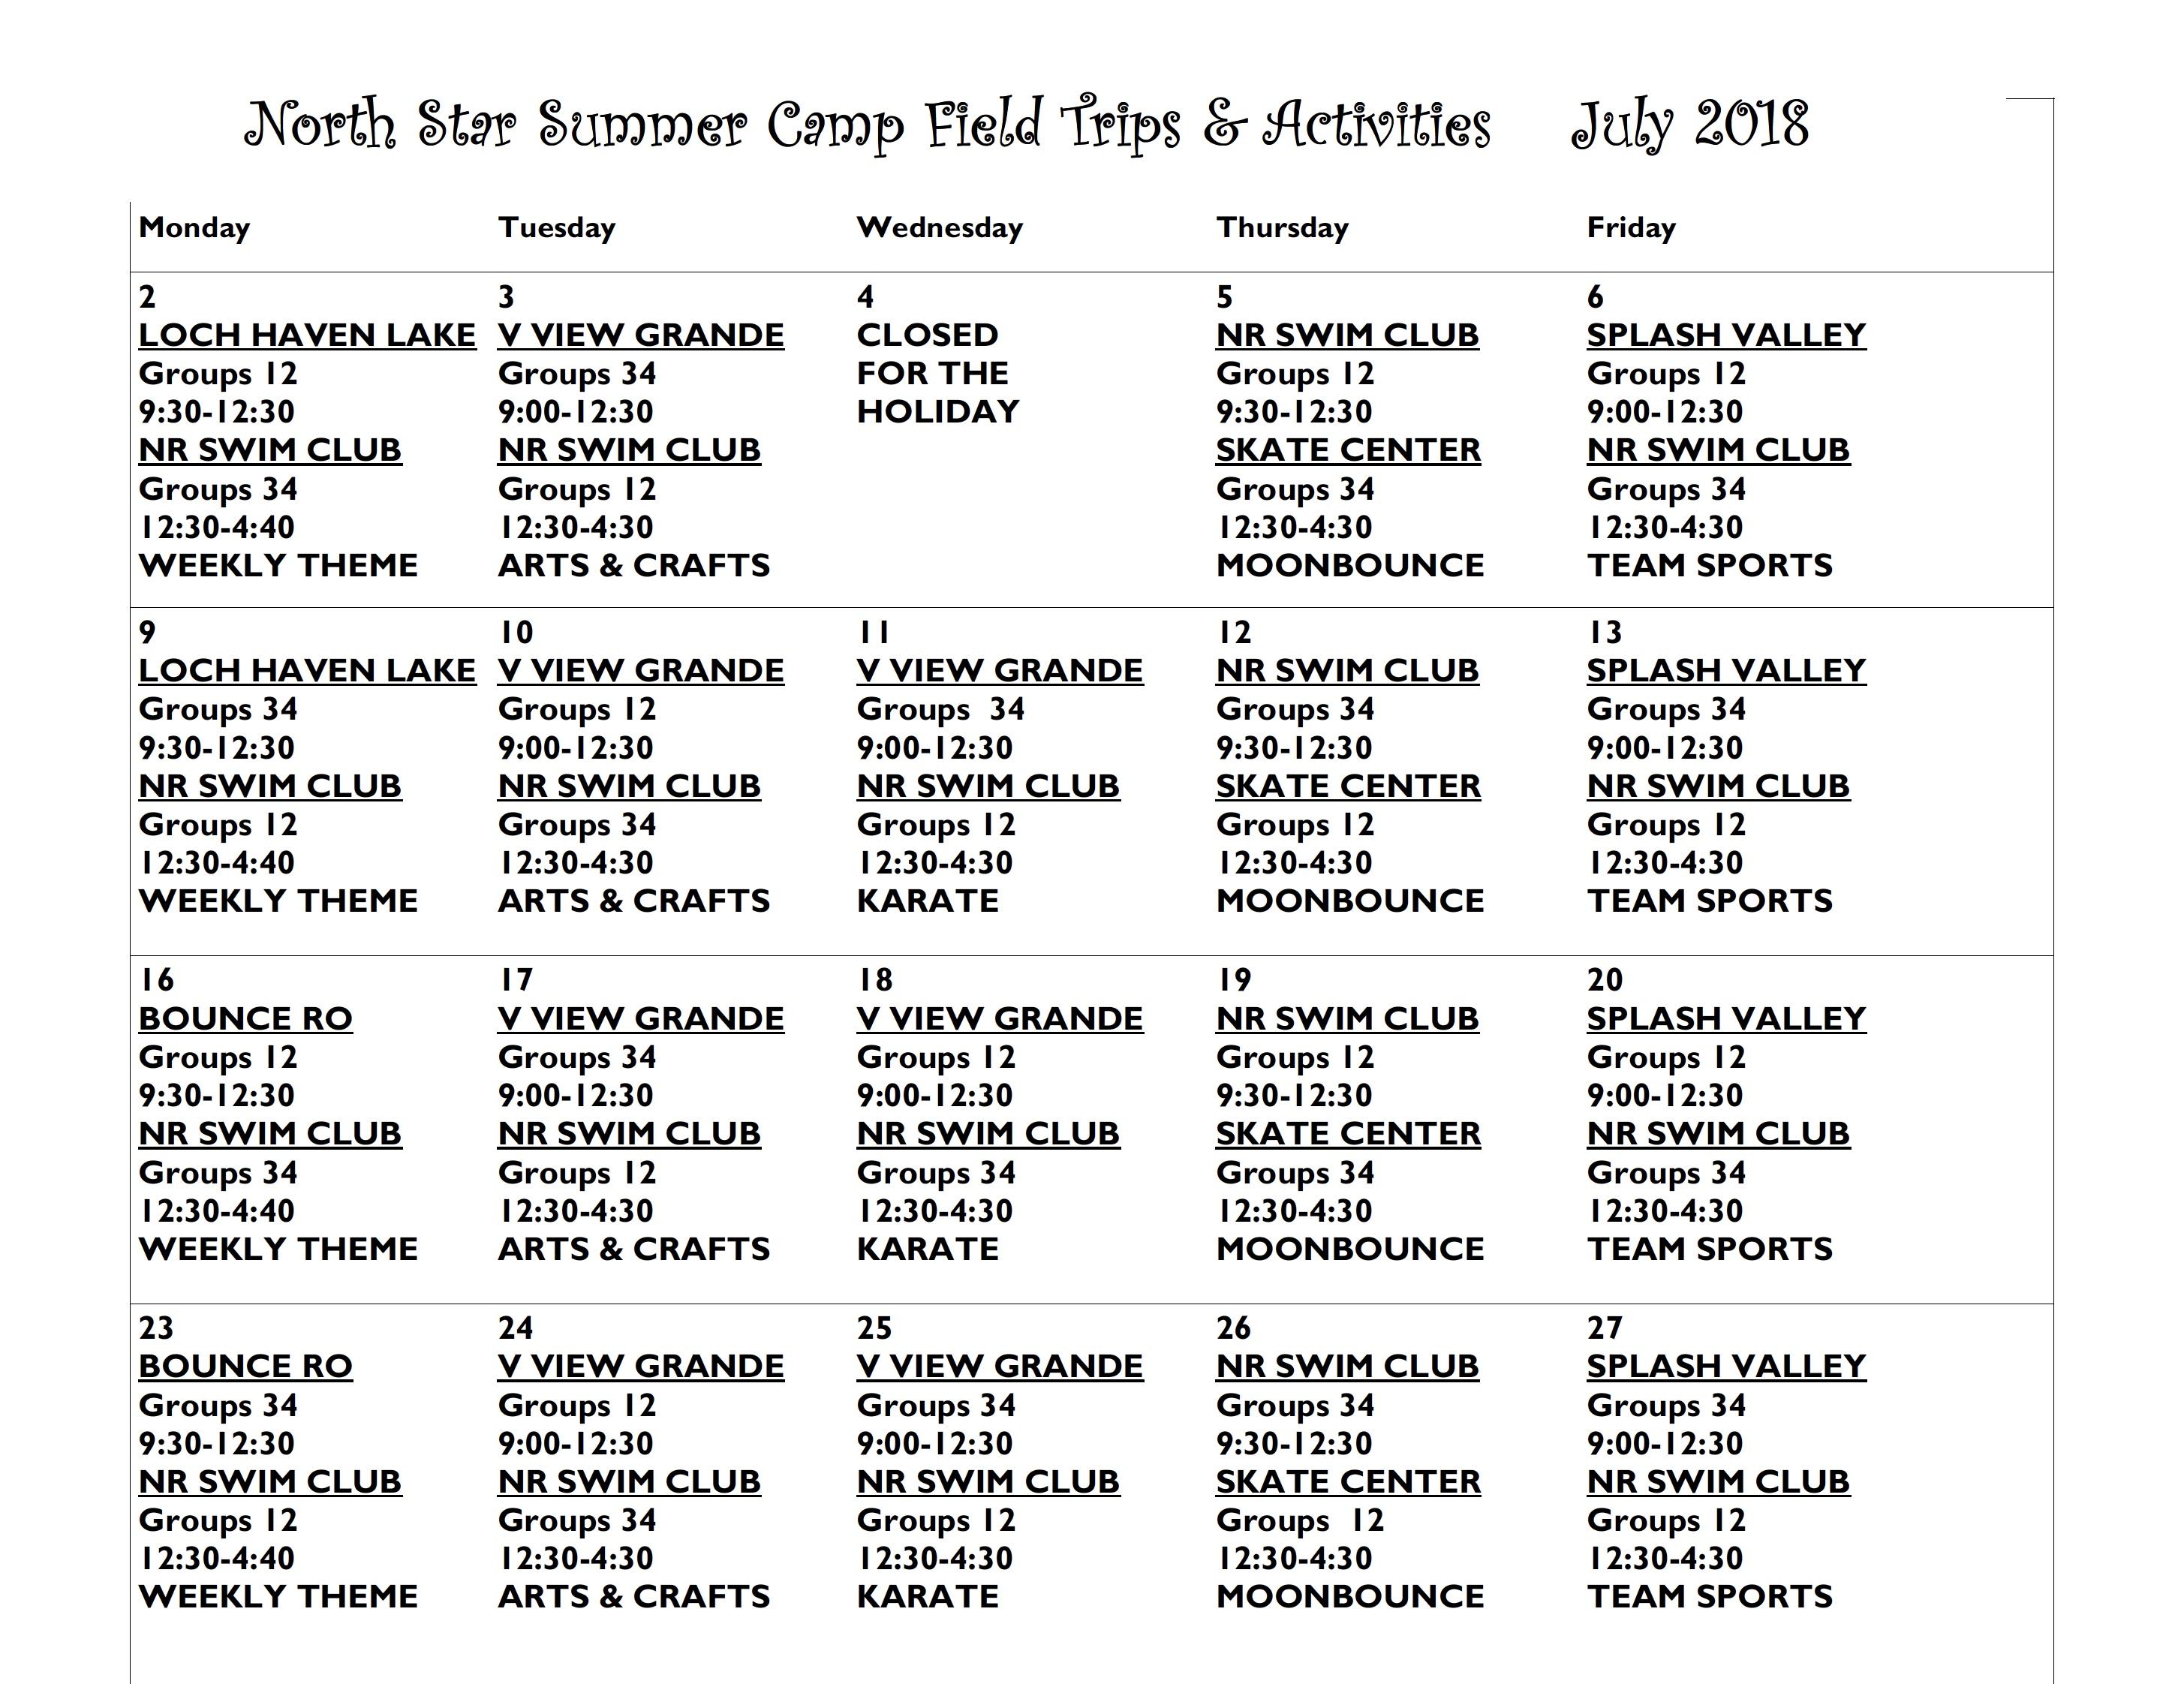 July 2018 Summer